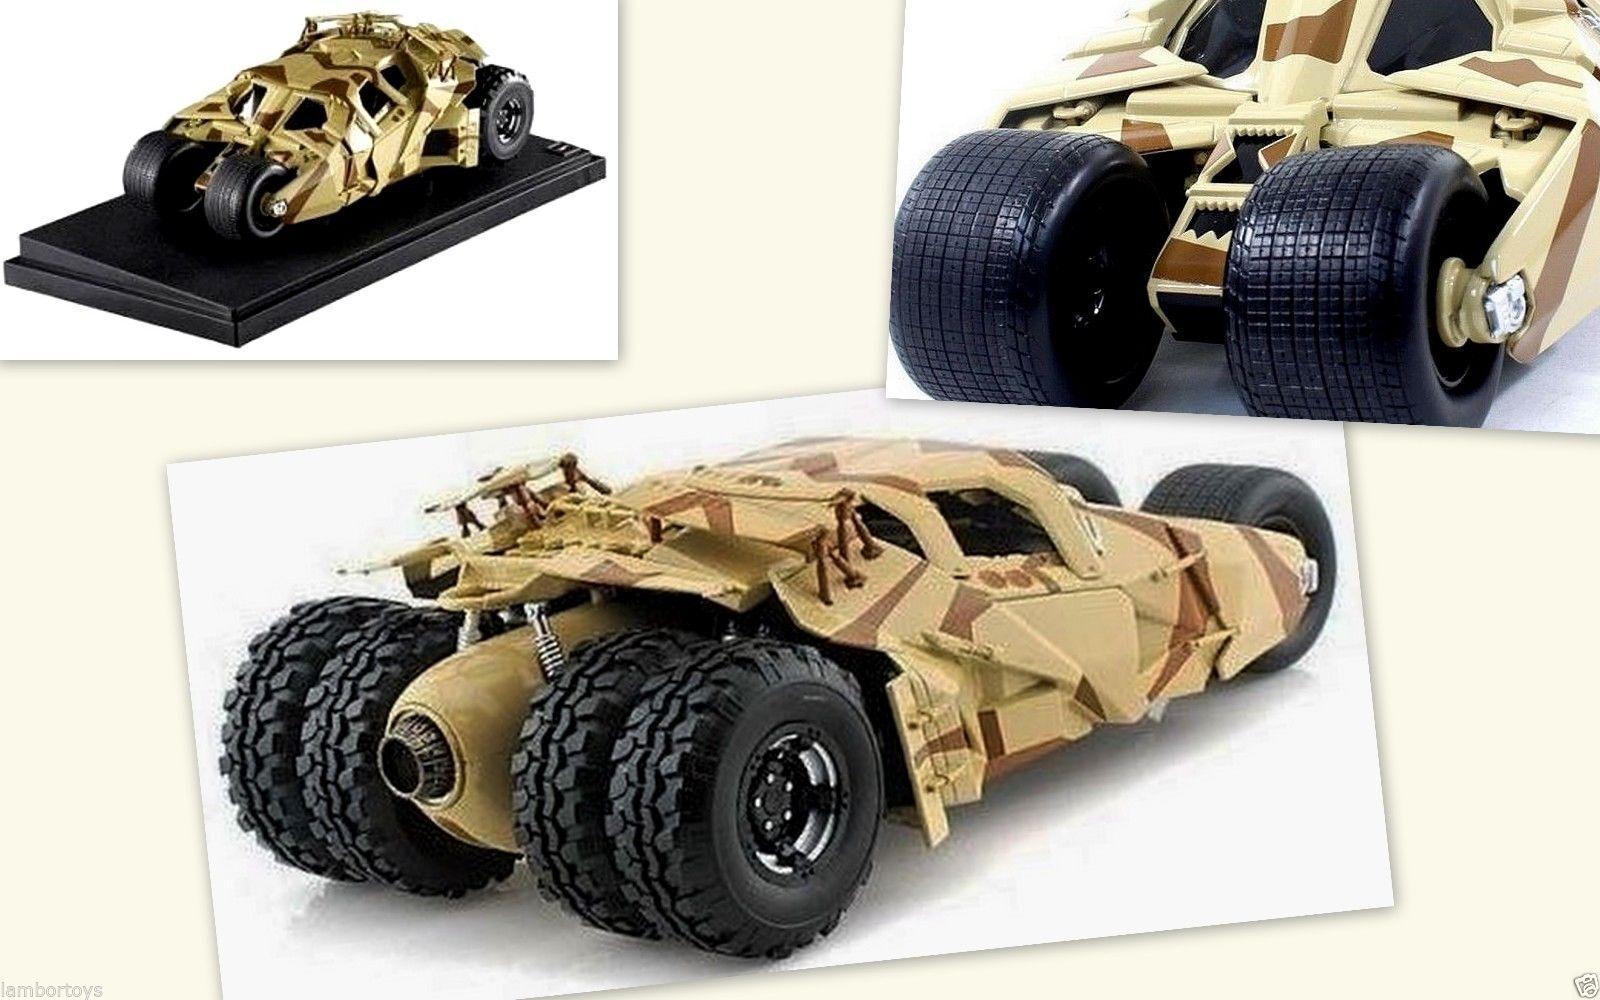 Batman Mobile The Dark Knight Rises Movie Car Khaki Camo 1 18 Scale Model Auto